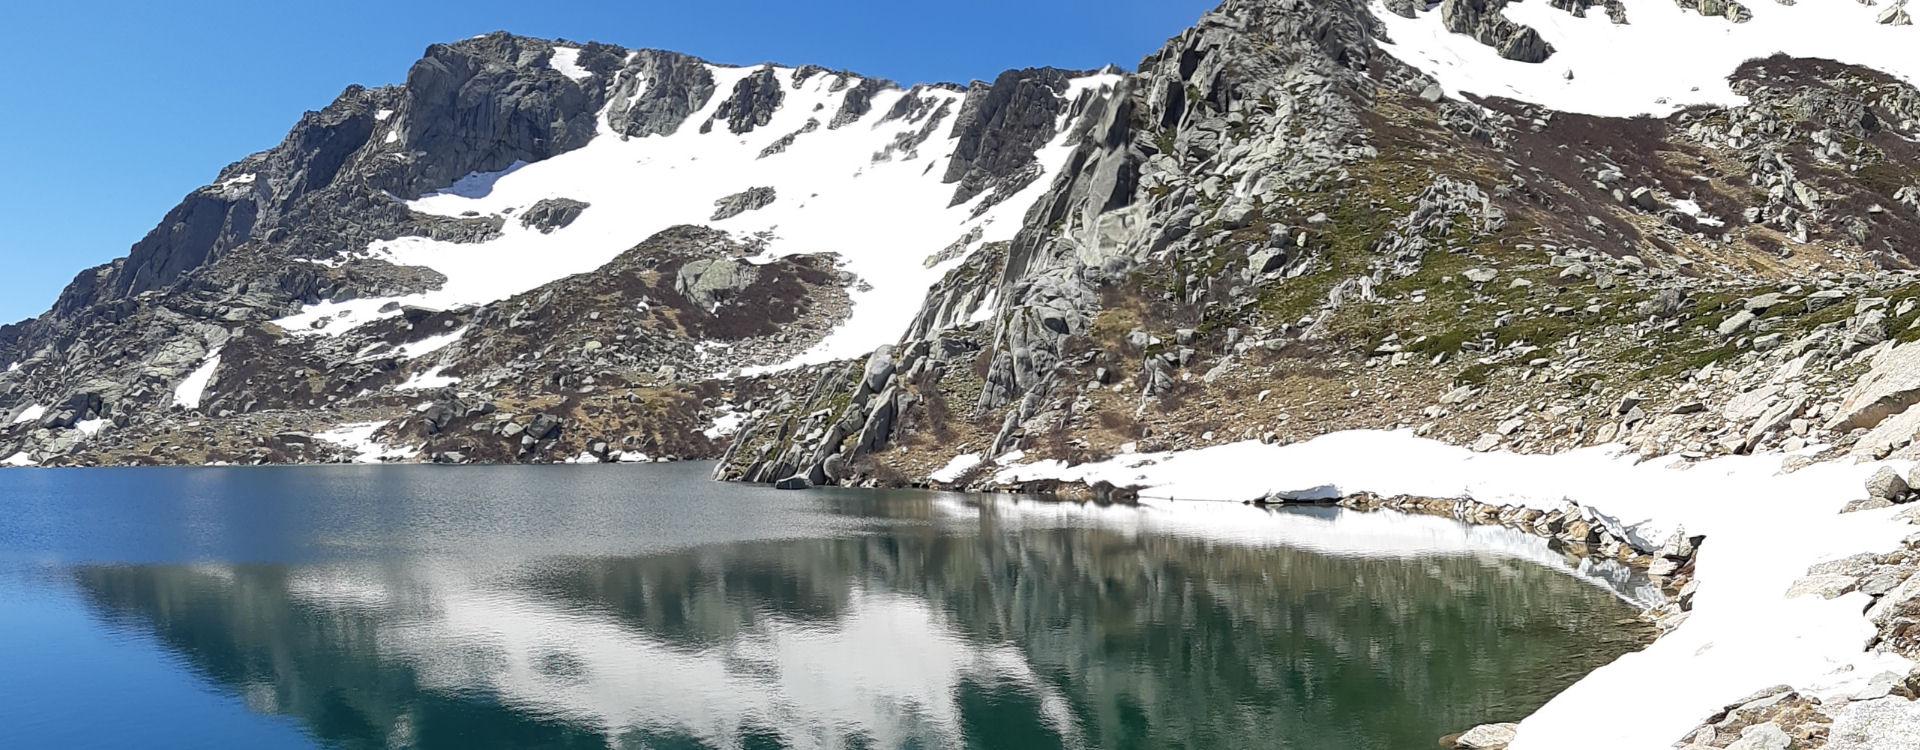 montagne-lac-neige